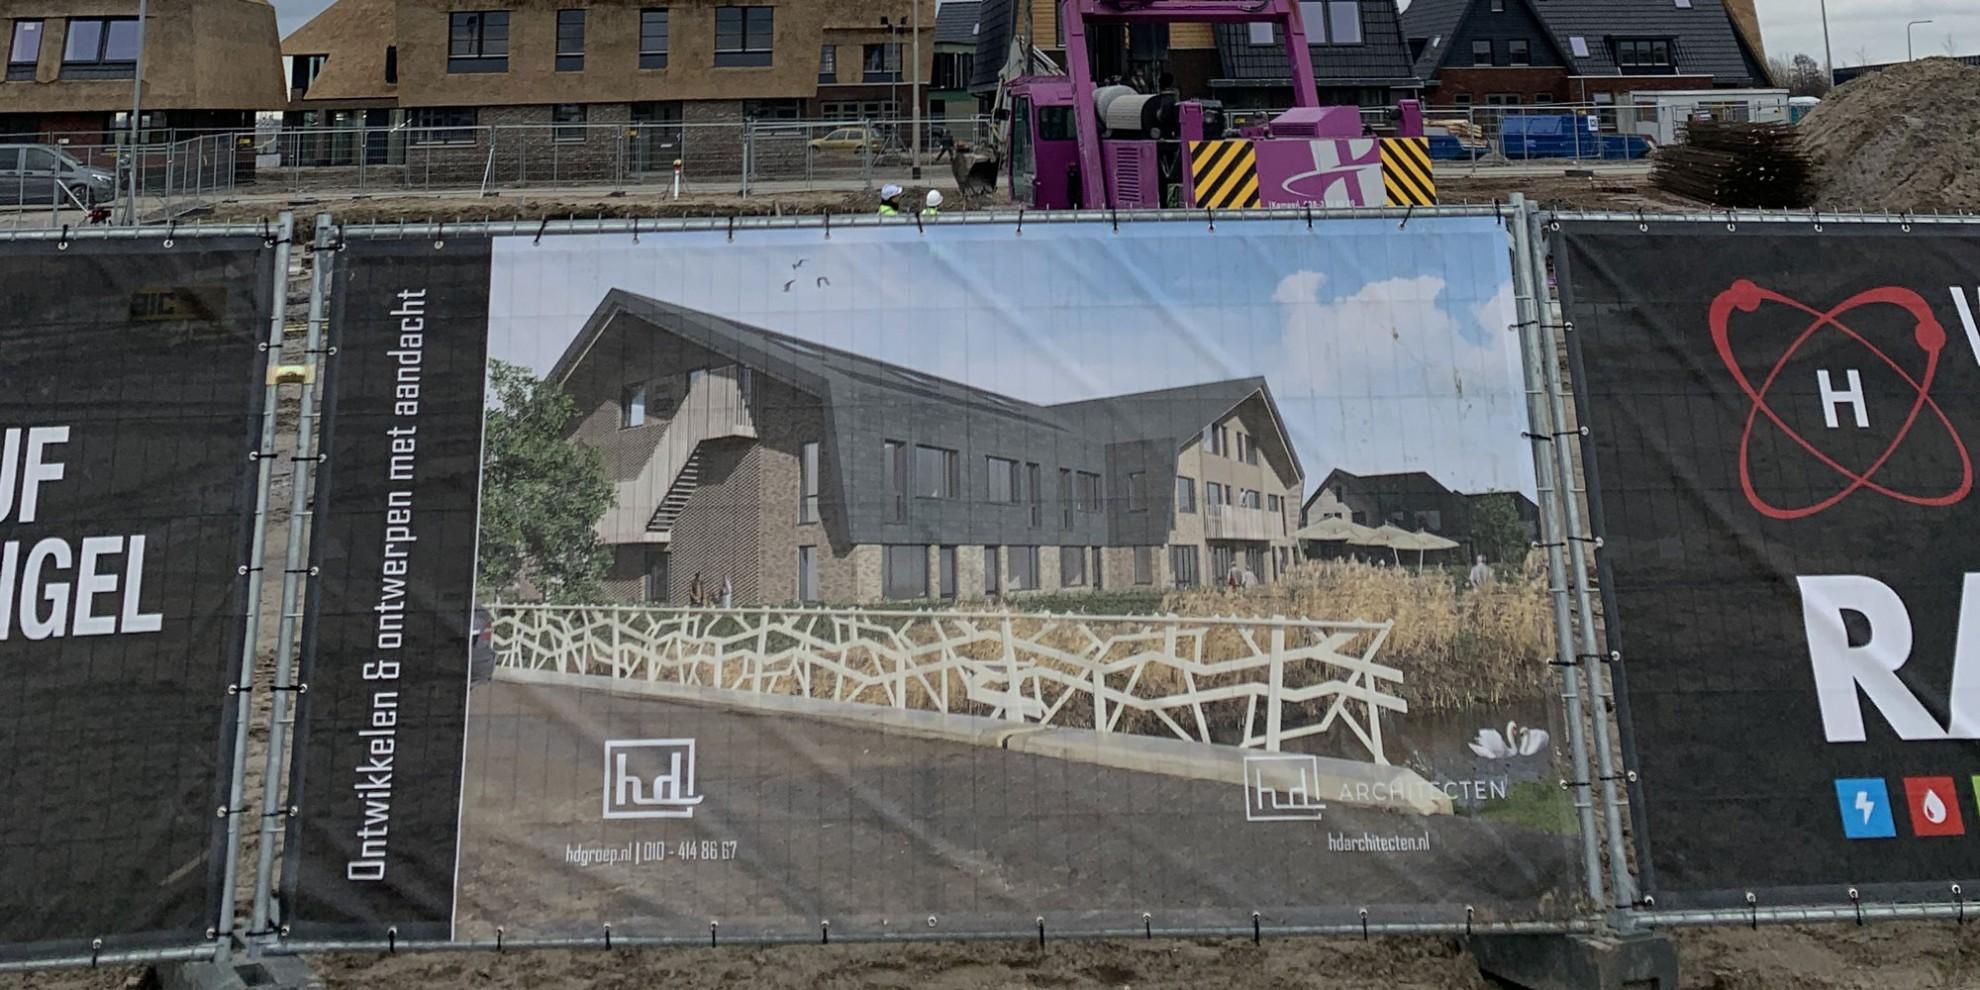 De bouw van zorgvilla Blaricum is gestart!